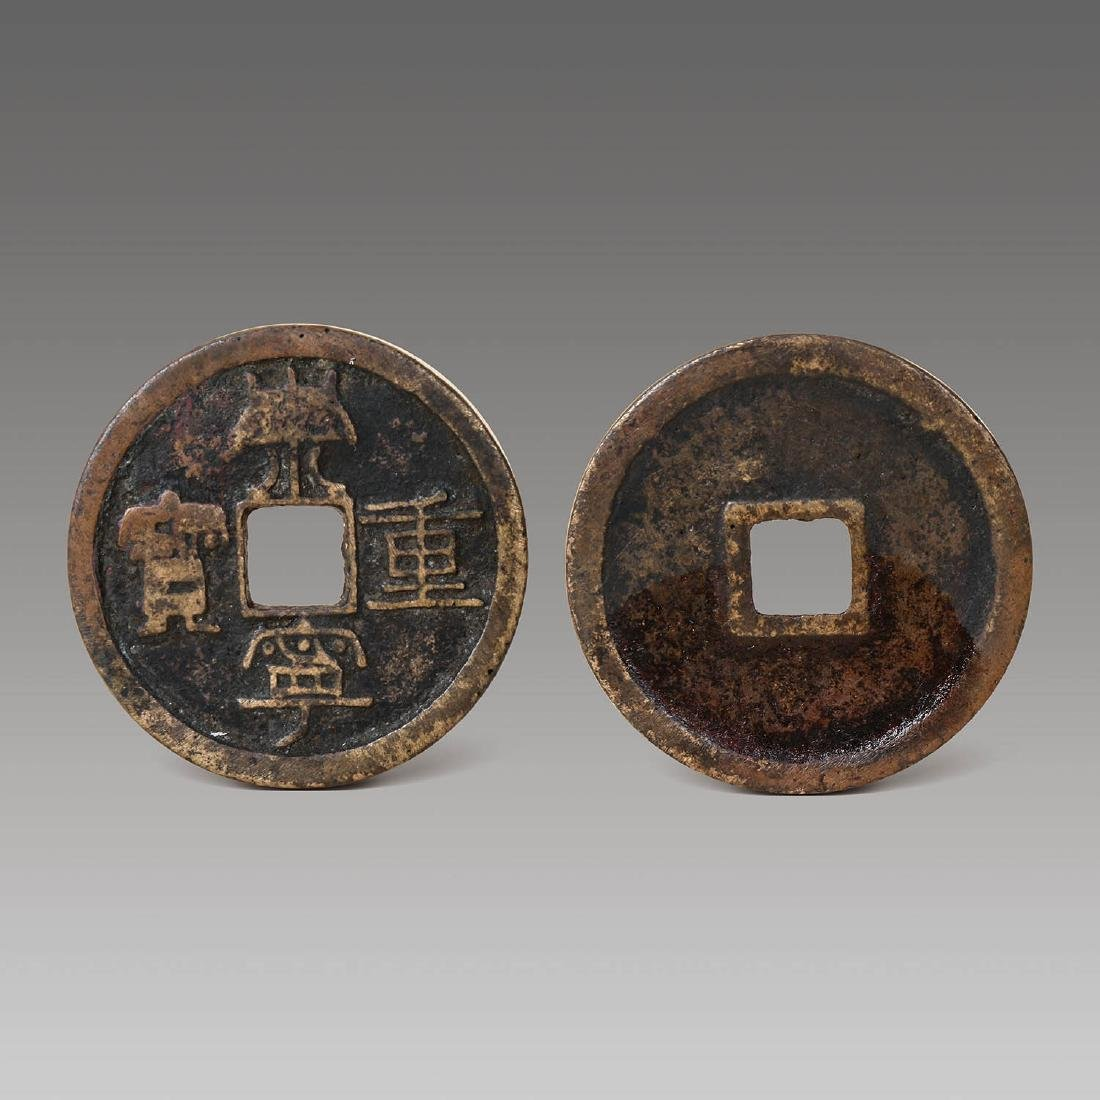 CHINESE CHONGNING ZHONGBAO COIN